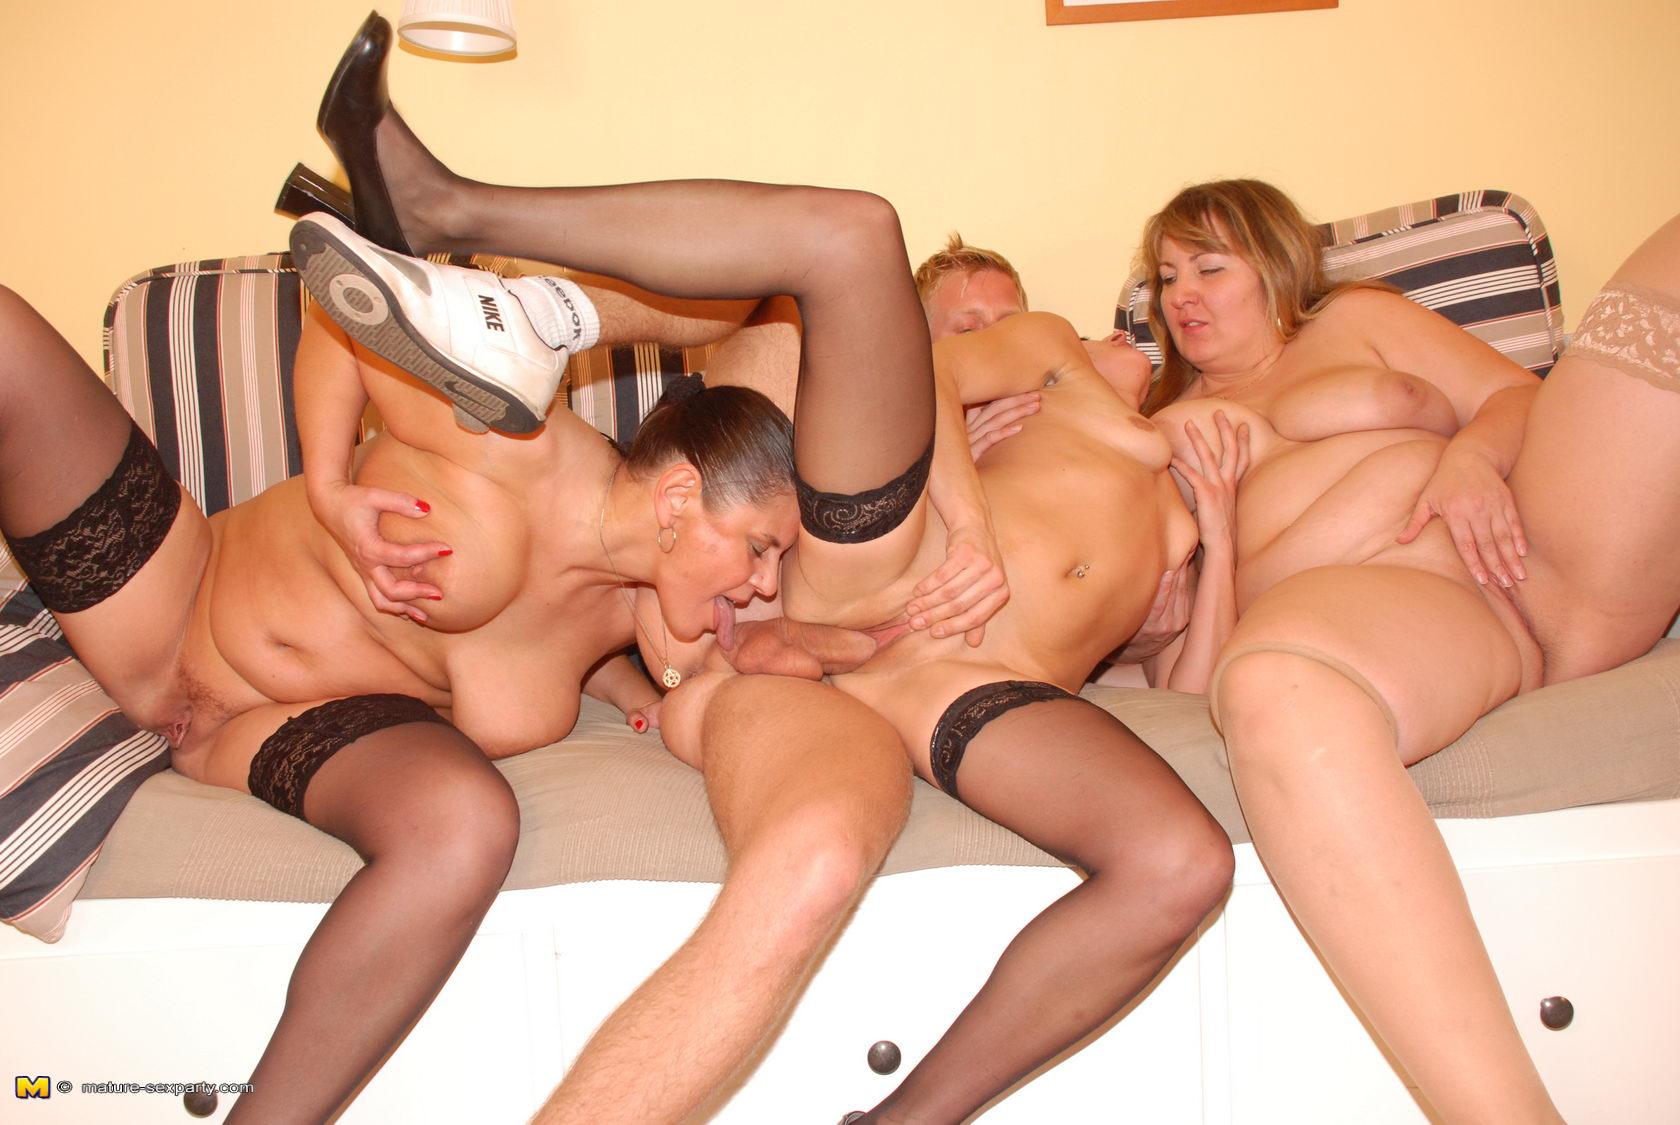 Русское порно зрелых - отборное порно Русских зрелых женщин.